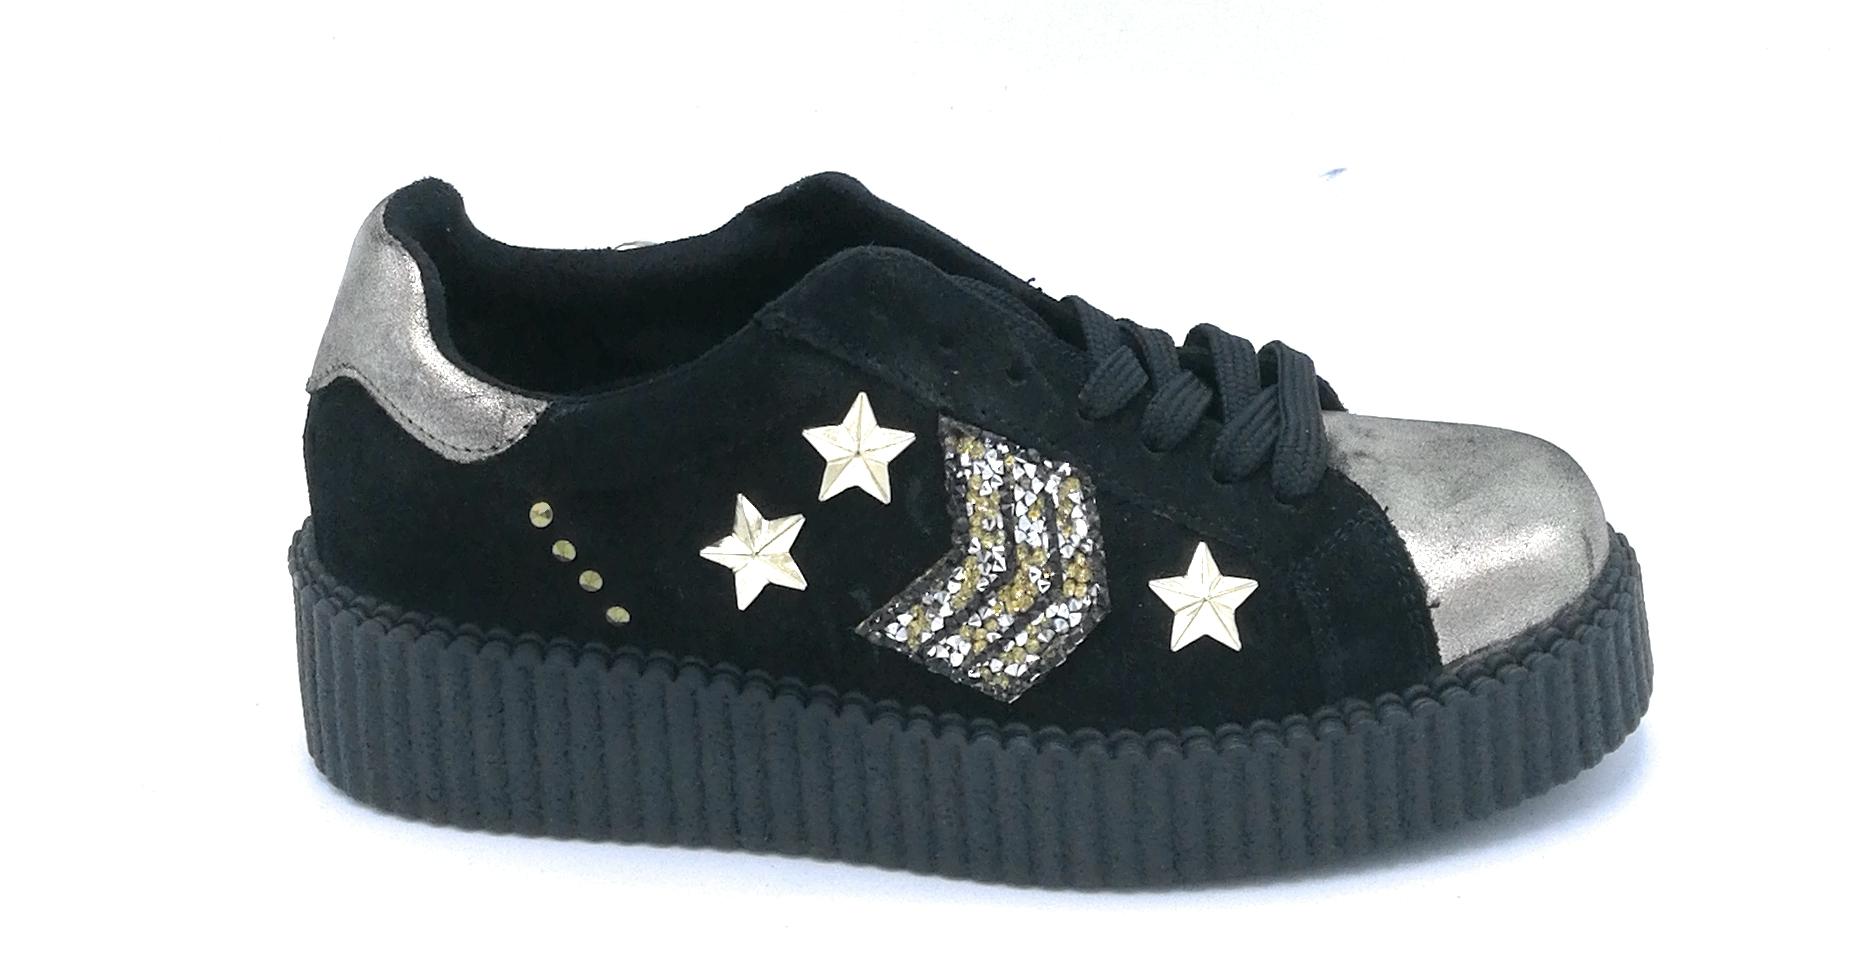 design di qualità bf0cb 36306 Ovyè Patty sneakers lacci zeppa in camoscio nero con ...